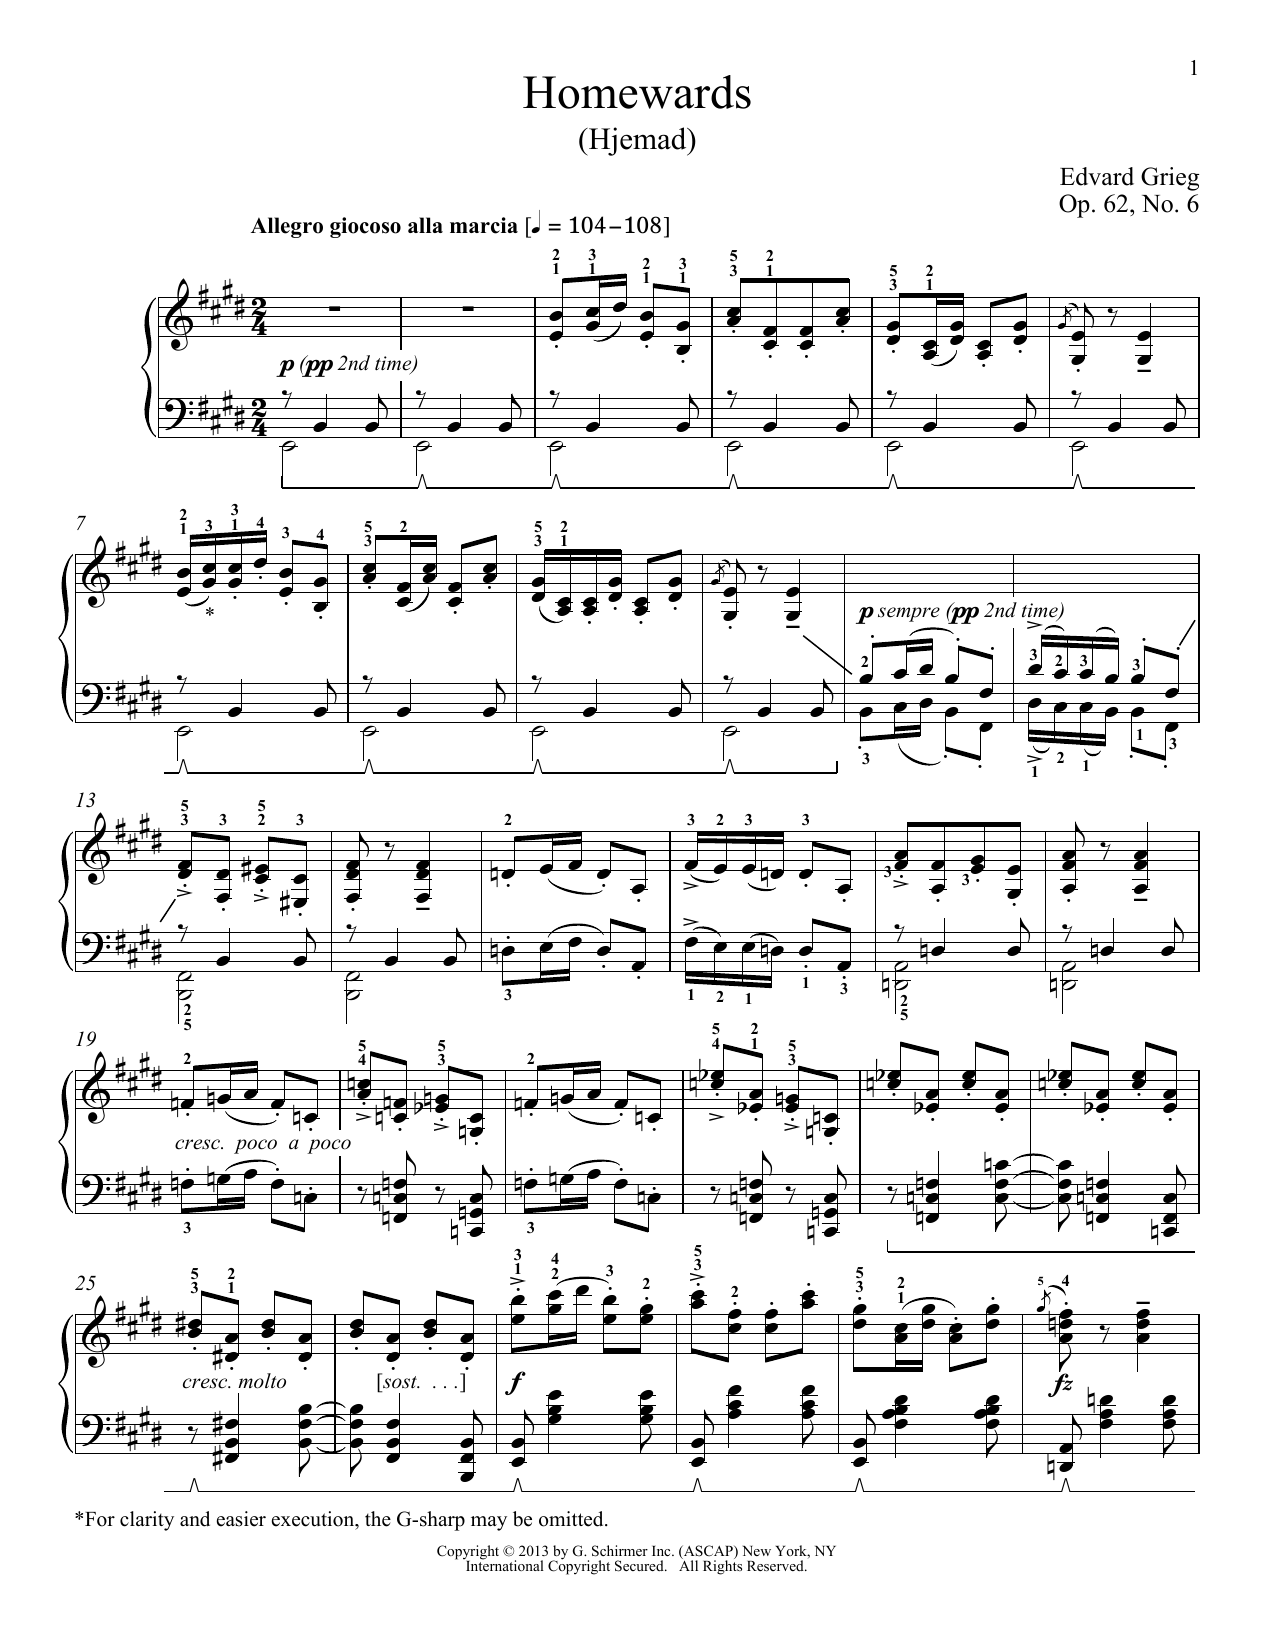 Partition piano Homewards (Hjemad), Op. 62, No. 6 de William Westney - Piano Solo